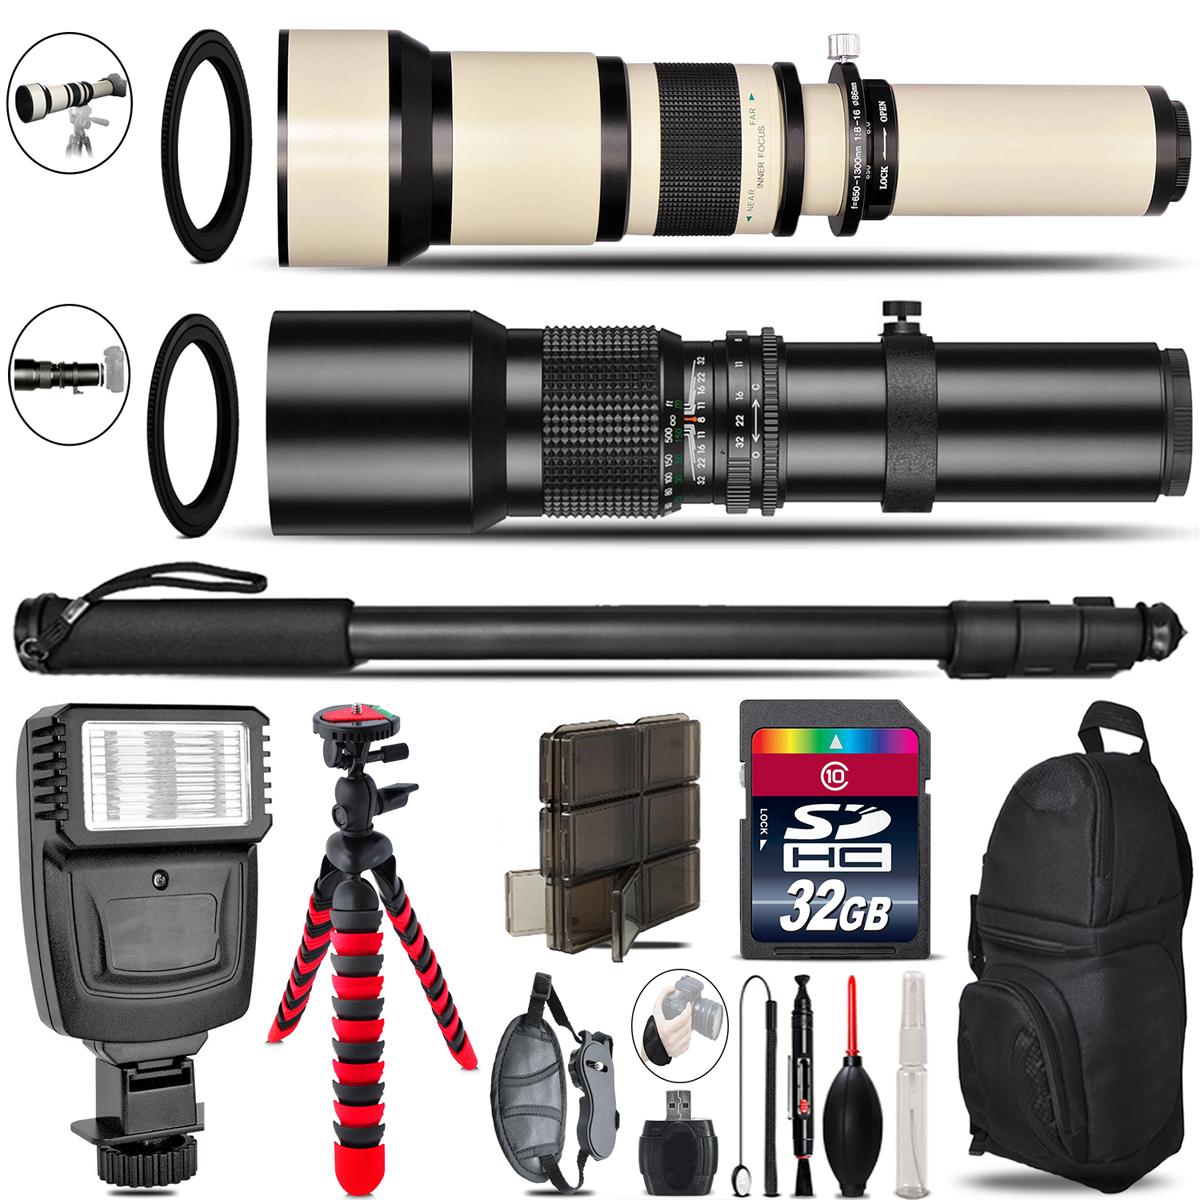 500mm-1300mm Telephoto Lens for Rebel T5 T5i + Flash + Tripod & More - 32GB Kit